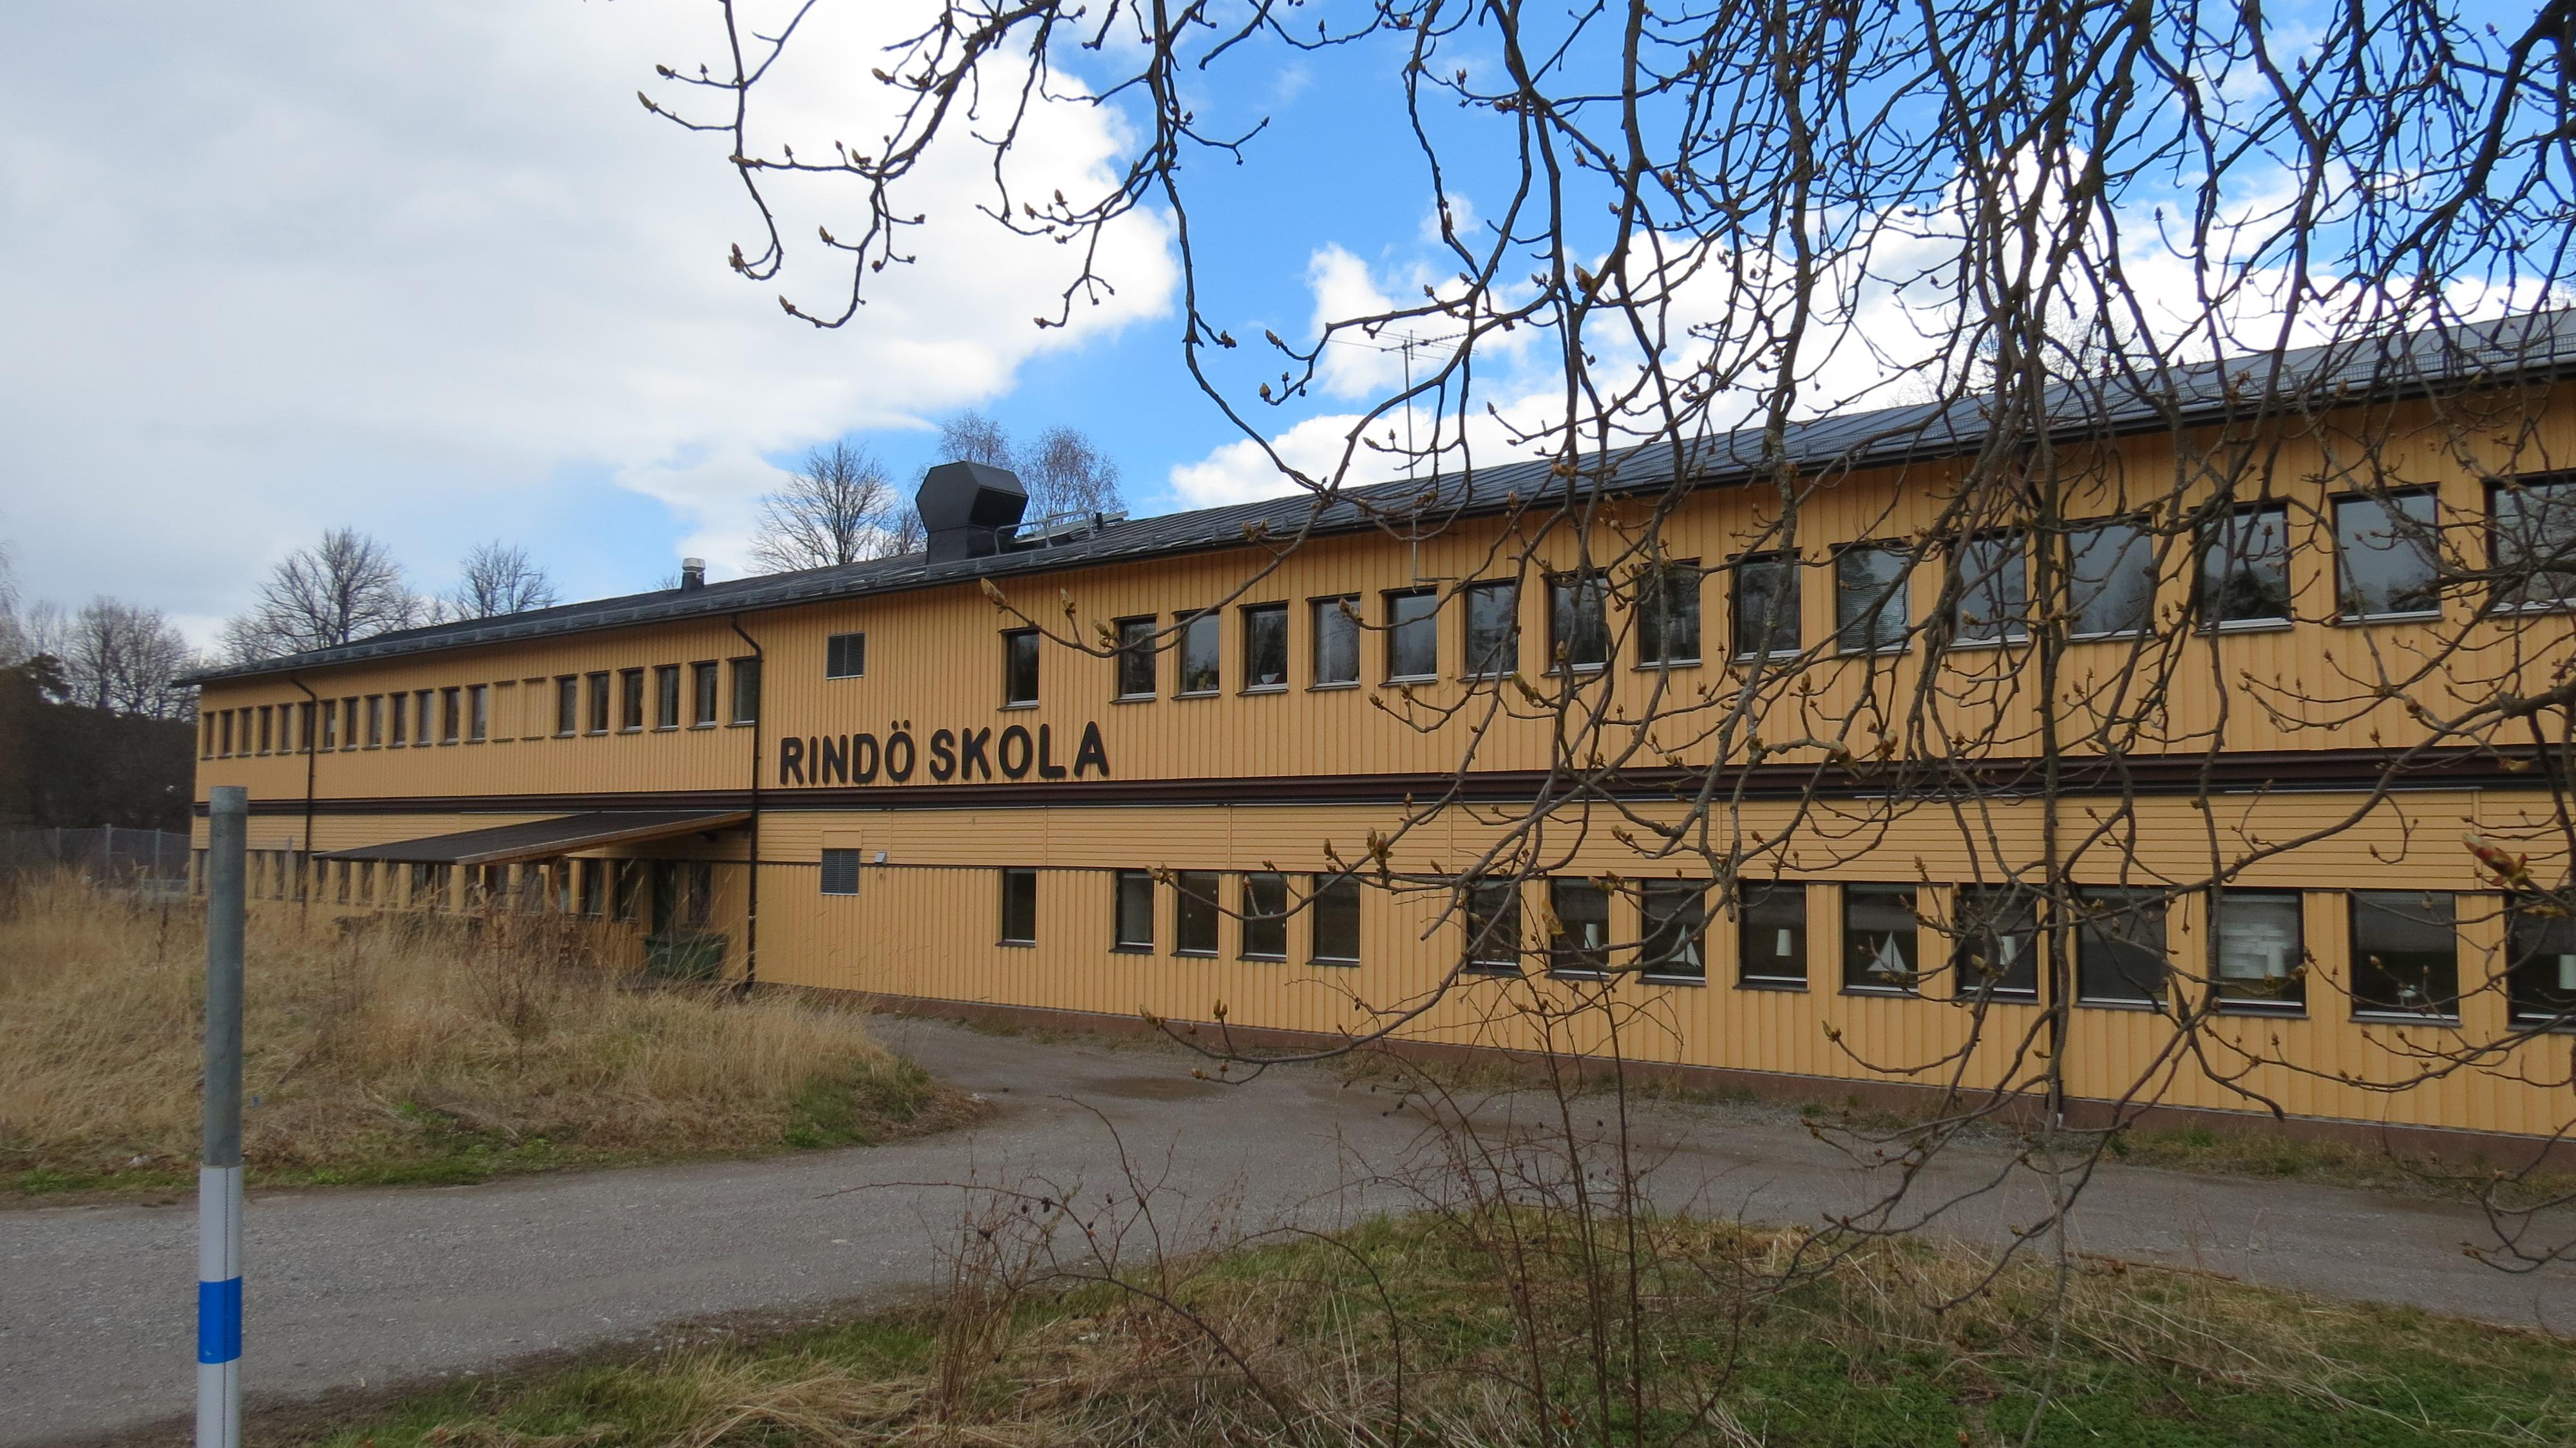 File:Rindö redutt, aerial tapissier-lanoe.com - Wikimedia Commons